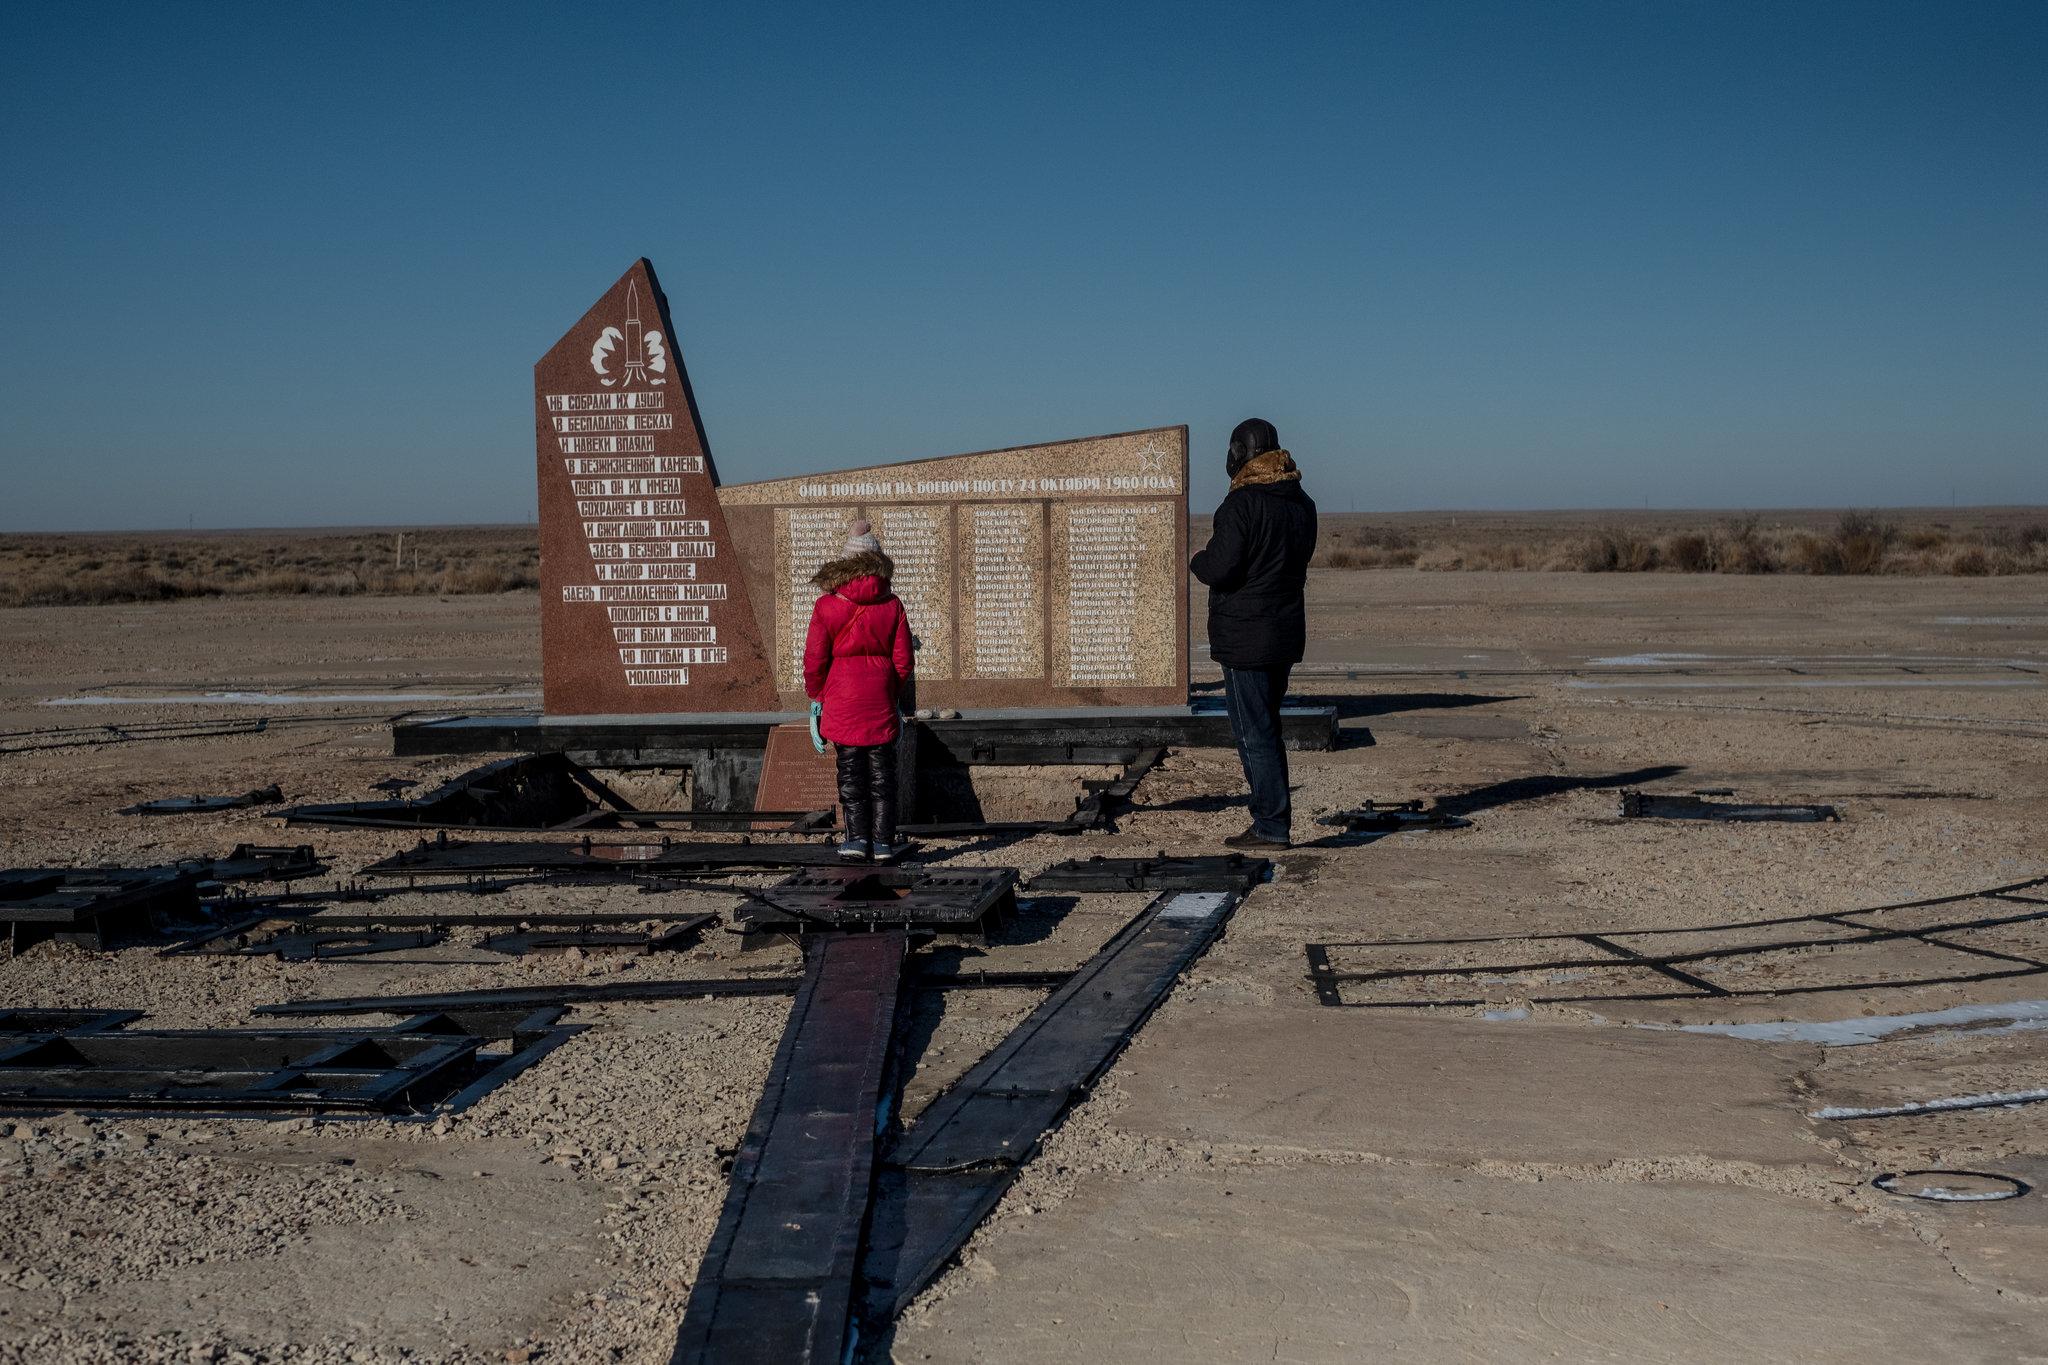 1960'lı Nedelin felaketine dair bir anıt. Anıtta isimler yazıyor. Bir füze prototipi deneme uçuşu için hazırlanırken patladı.